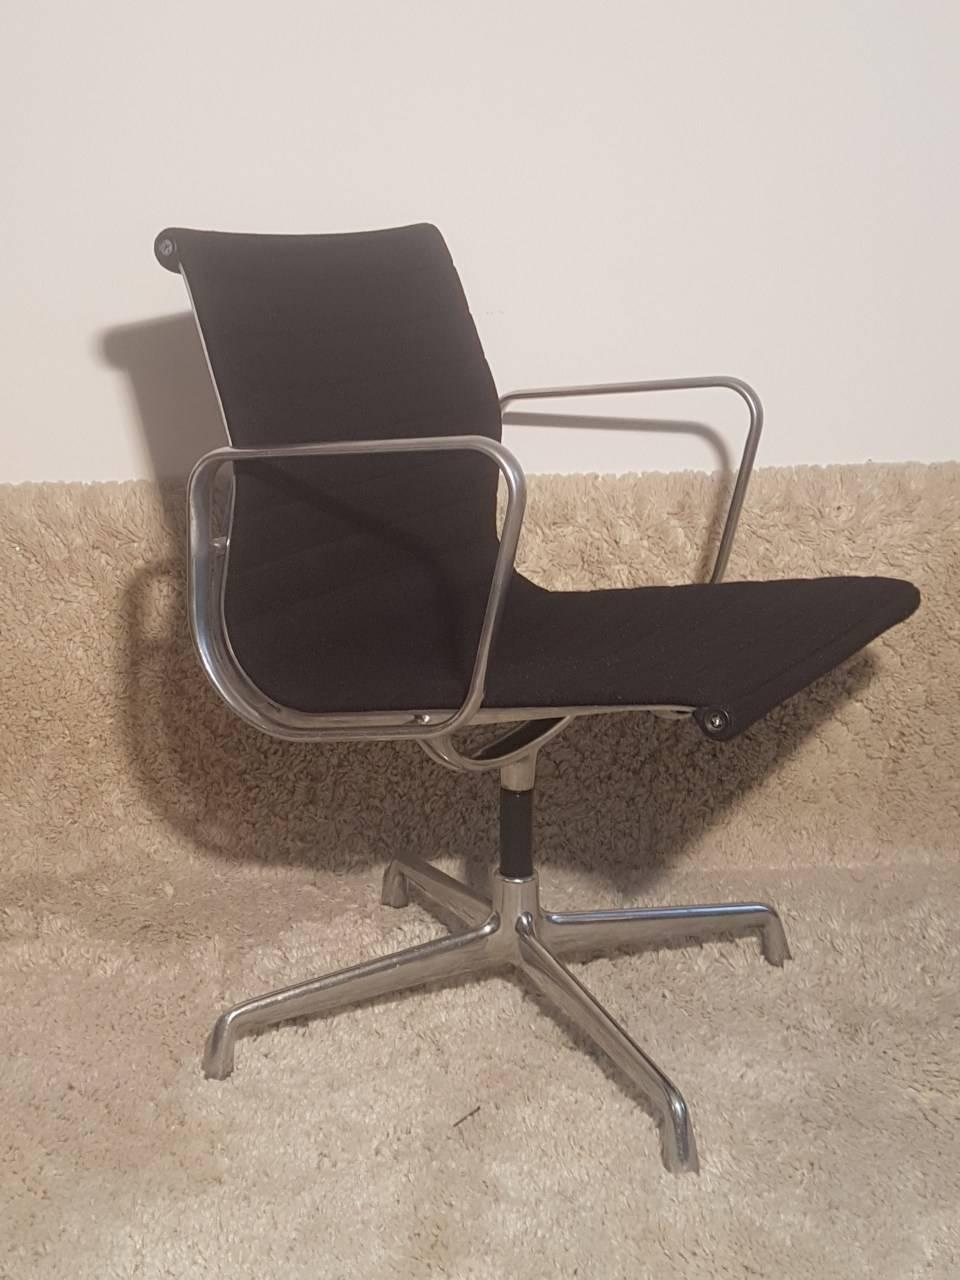 12 fauteuils design vintage charles eames benoit de for Fauteuil charles eames prix